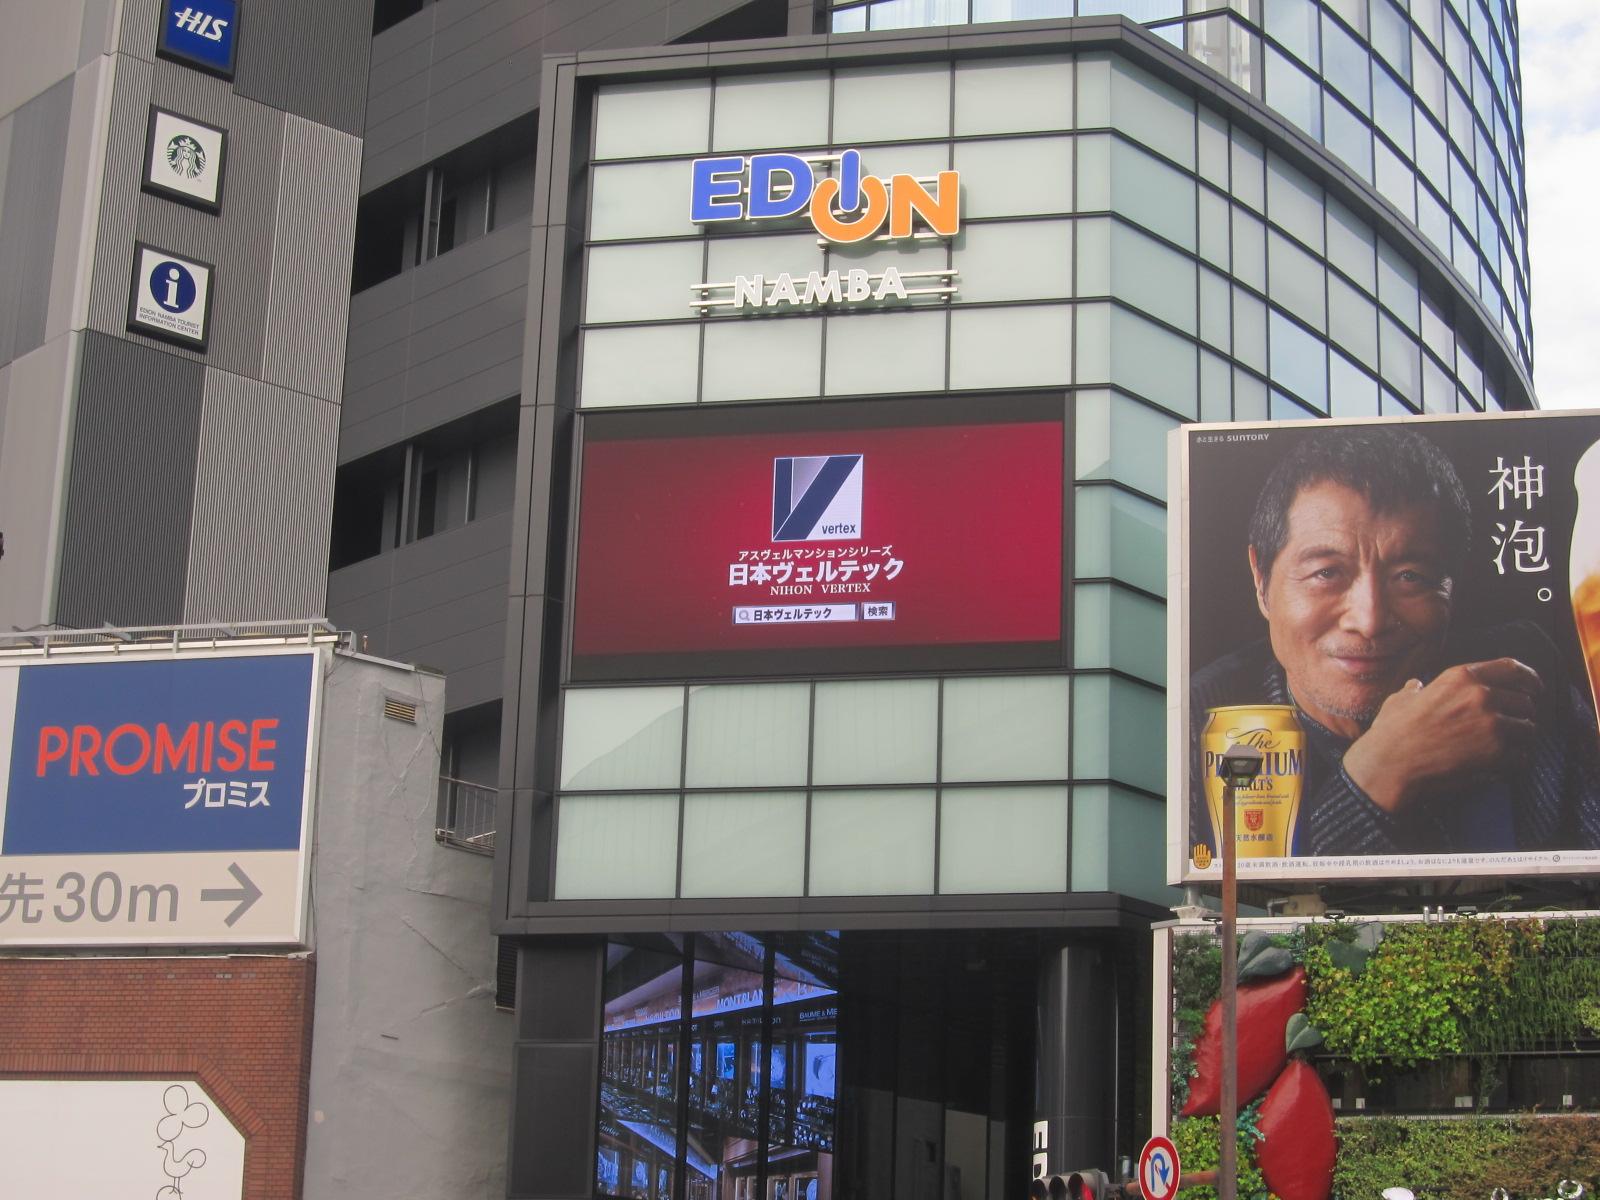 難波のエディオンの広告の風景